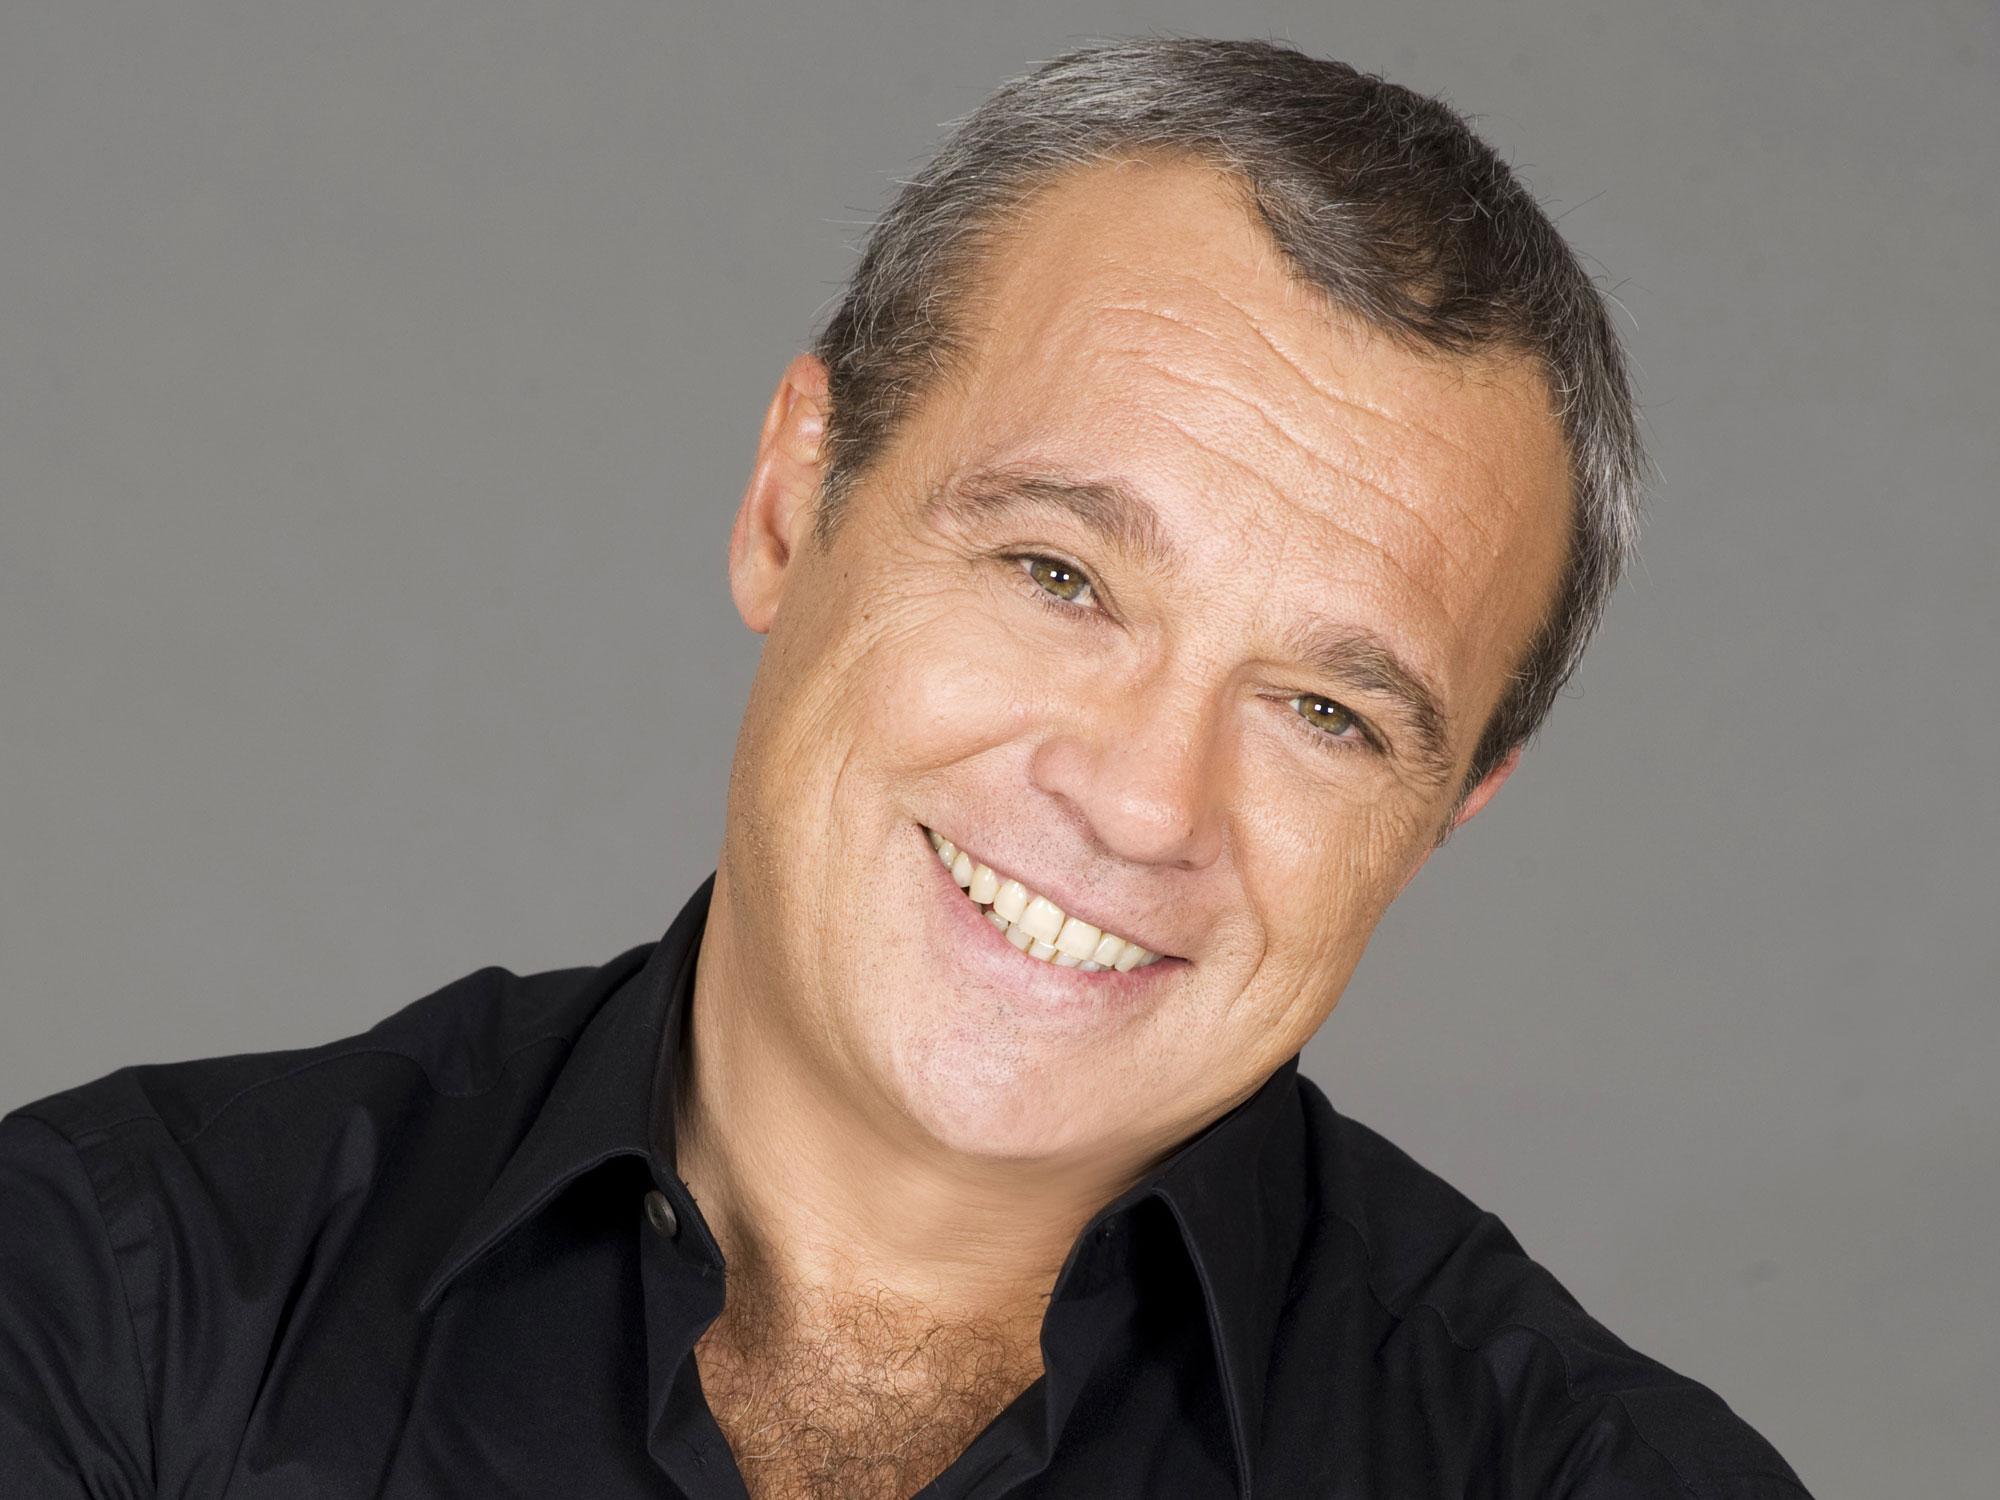 """Claudio Amendola, il celebre """"Cesaroni"""", secondo la moglie sarebbe formidabile a letto"""